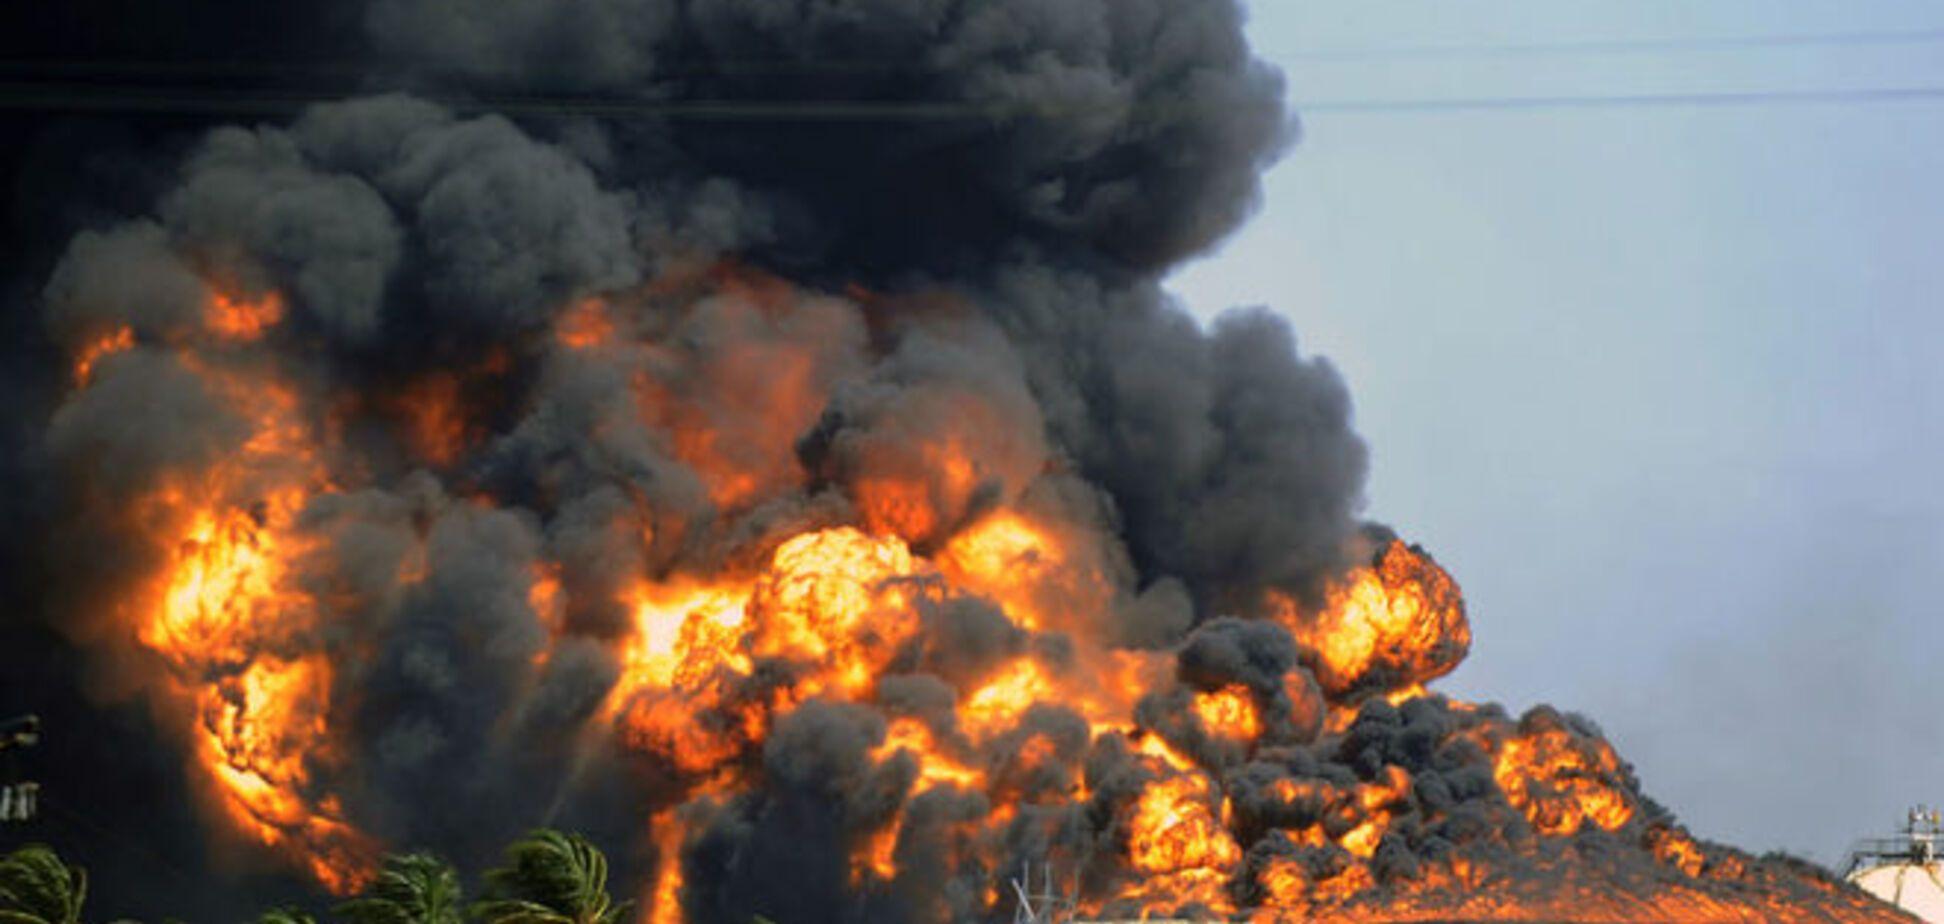 Топ-5 крупнейших нефтегазовых пожаров-катастроф в мире